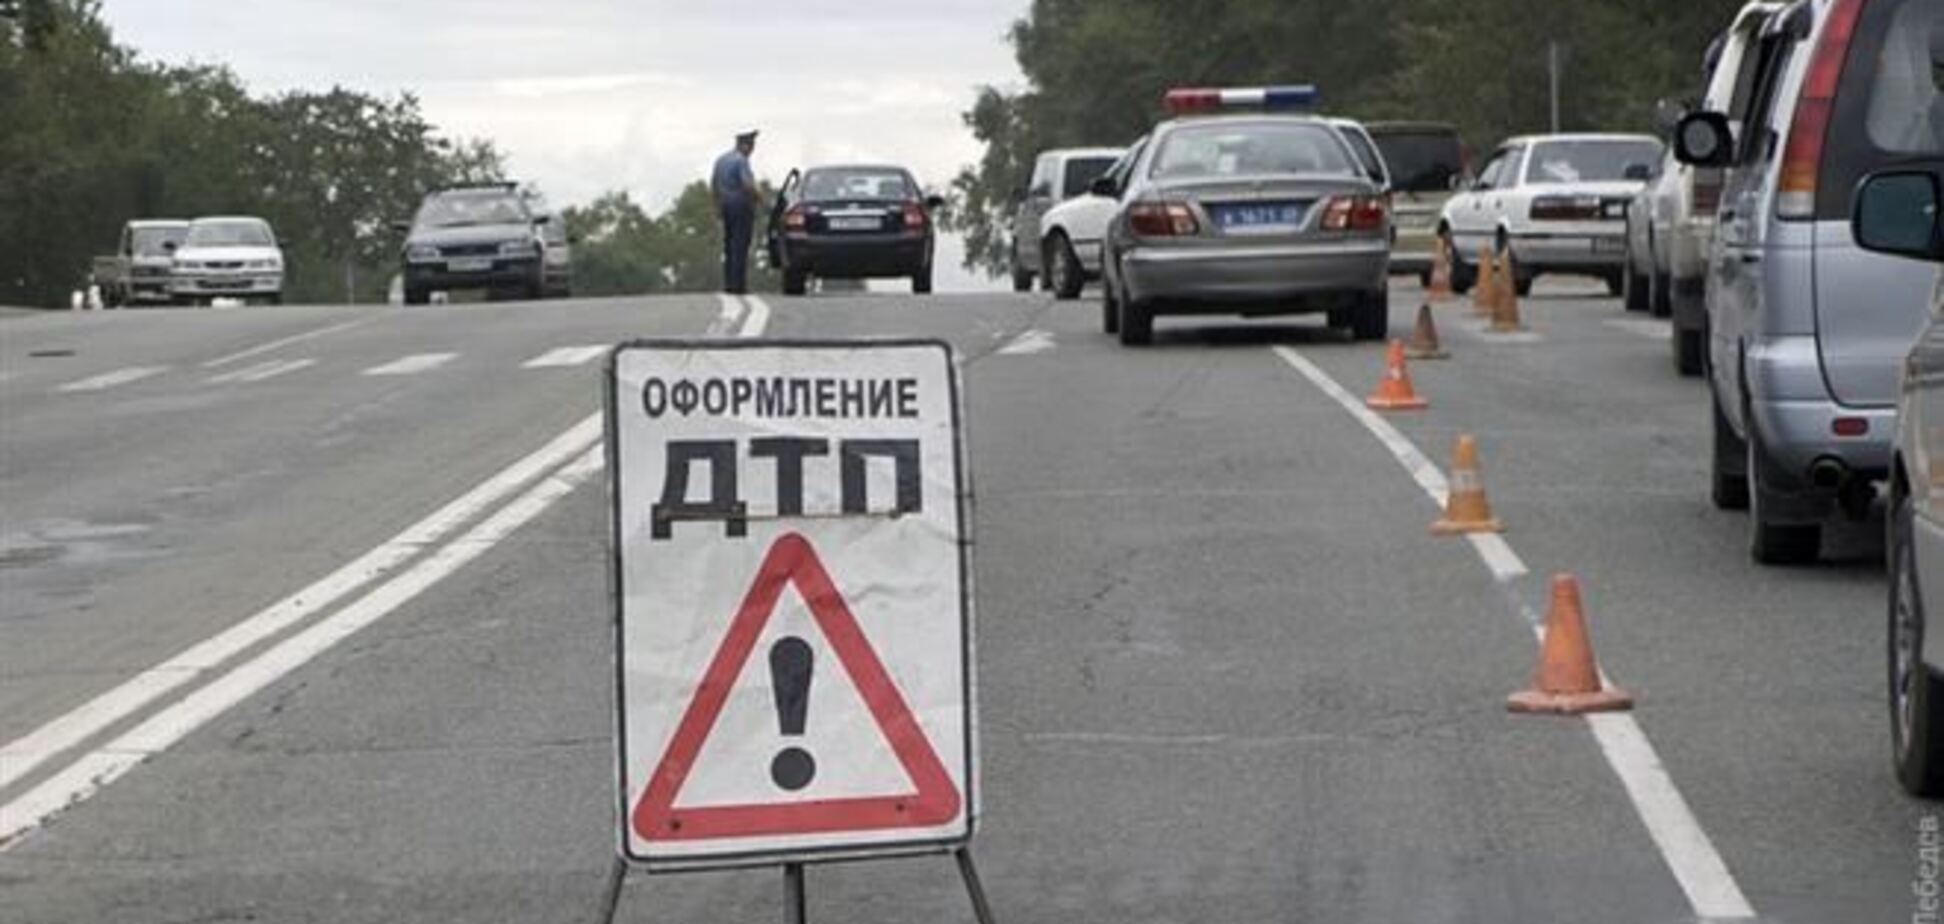 Ситуація на дорогах 25 вересня: 96 ДТП, 16 загиблих